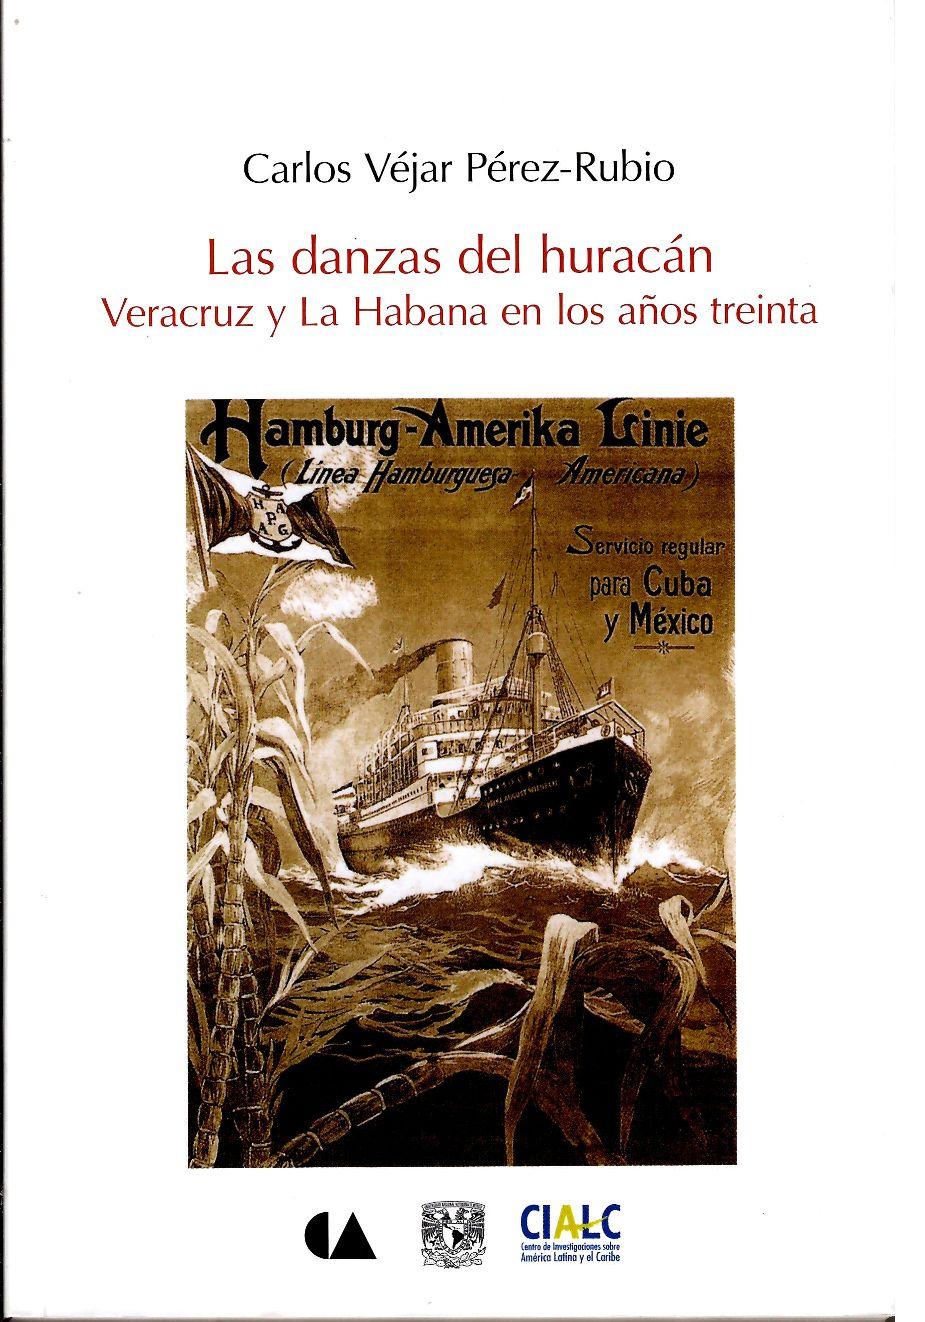 Las danzas del huracán. Veracruz y La Habana en los años treinta